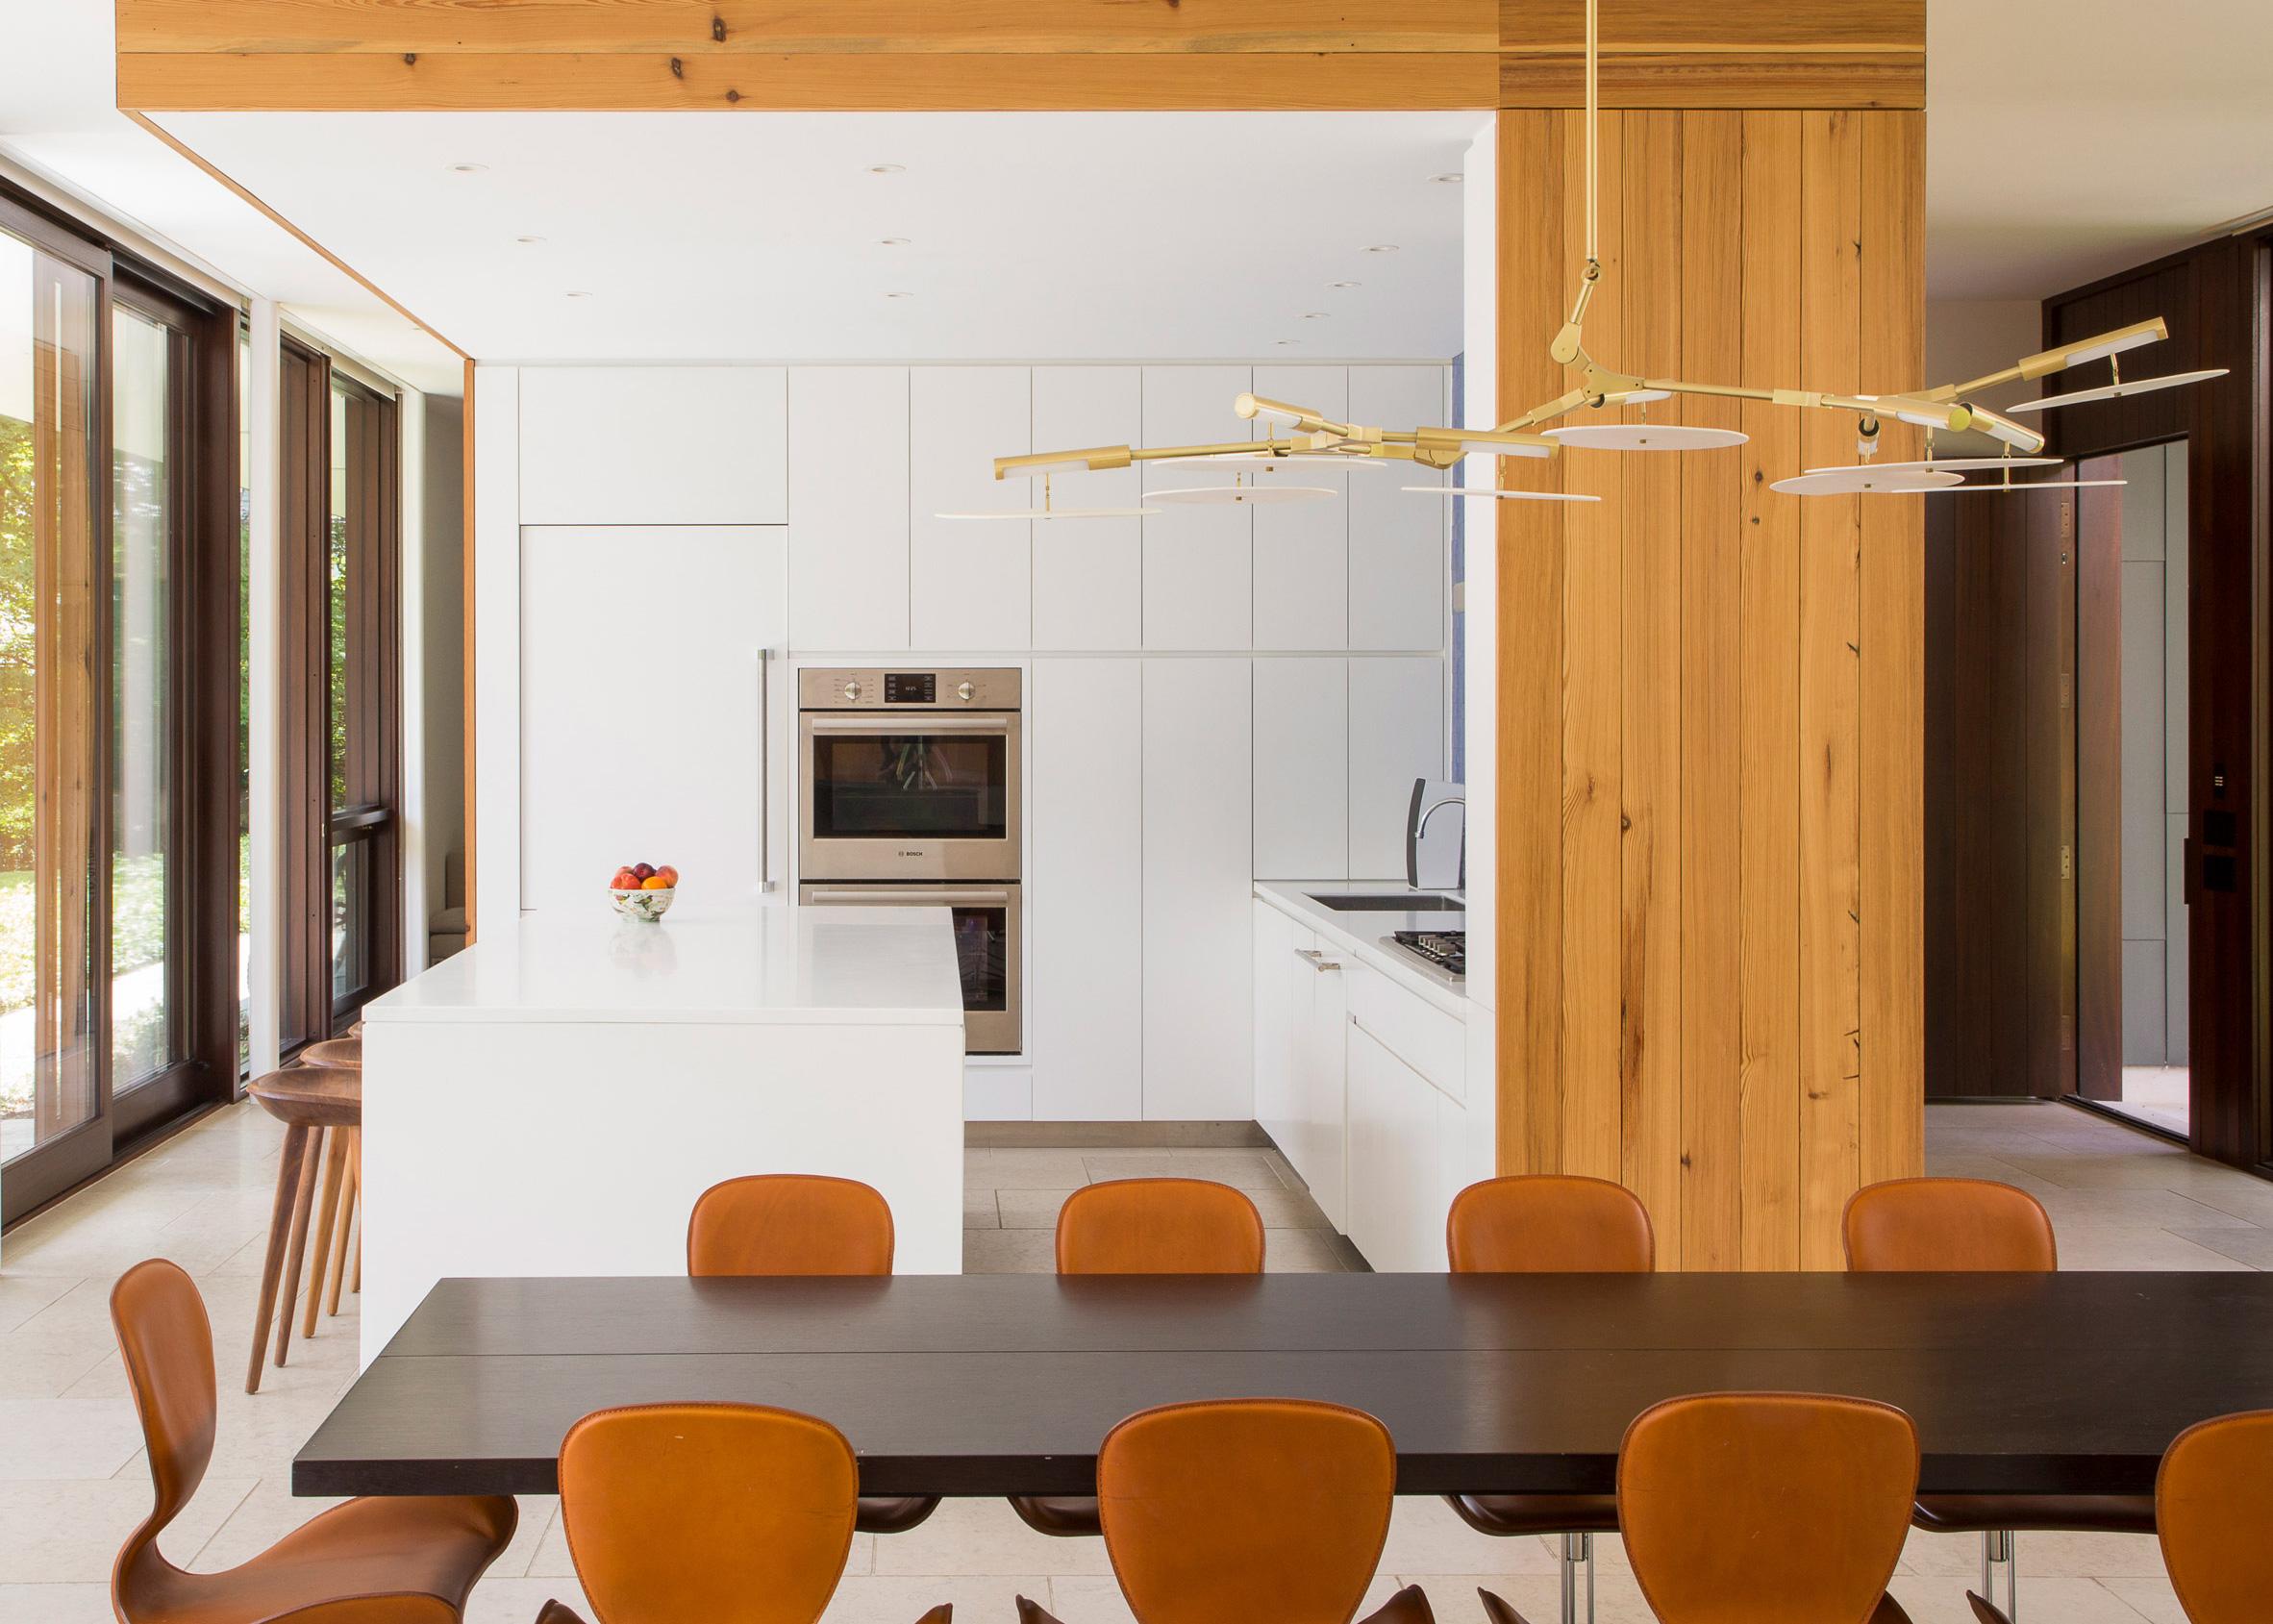 North Penn House by Deborah Berke Partners